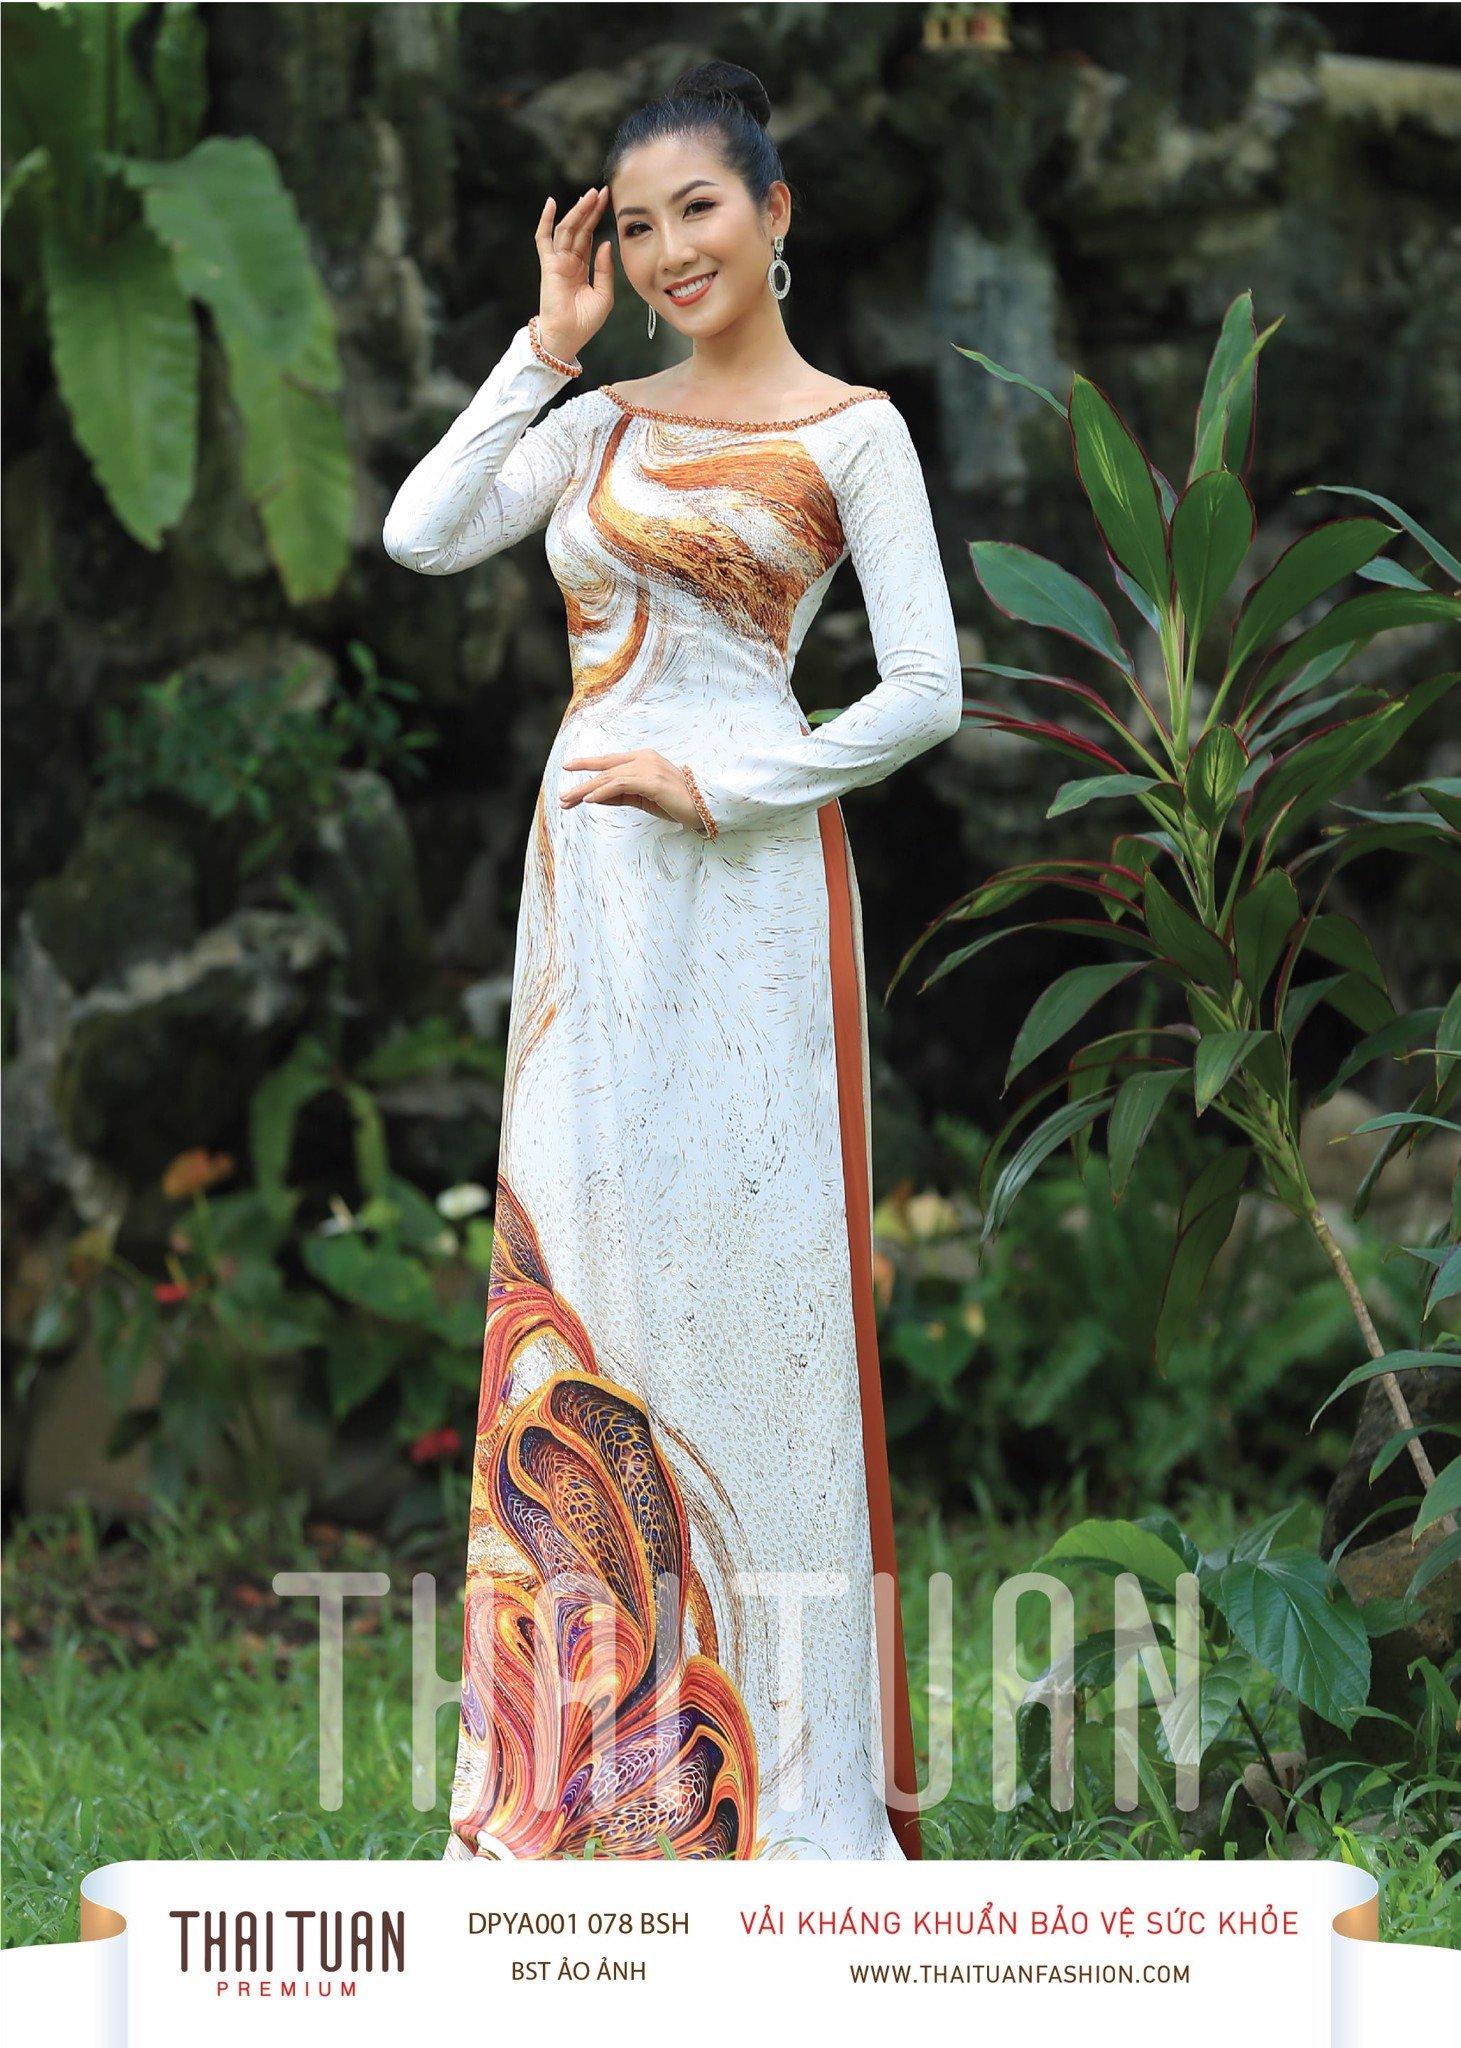 DPYA001-078-BSH | Vải Áo Dài Thái Tuấn Premium